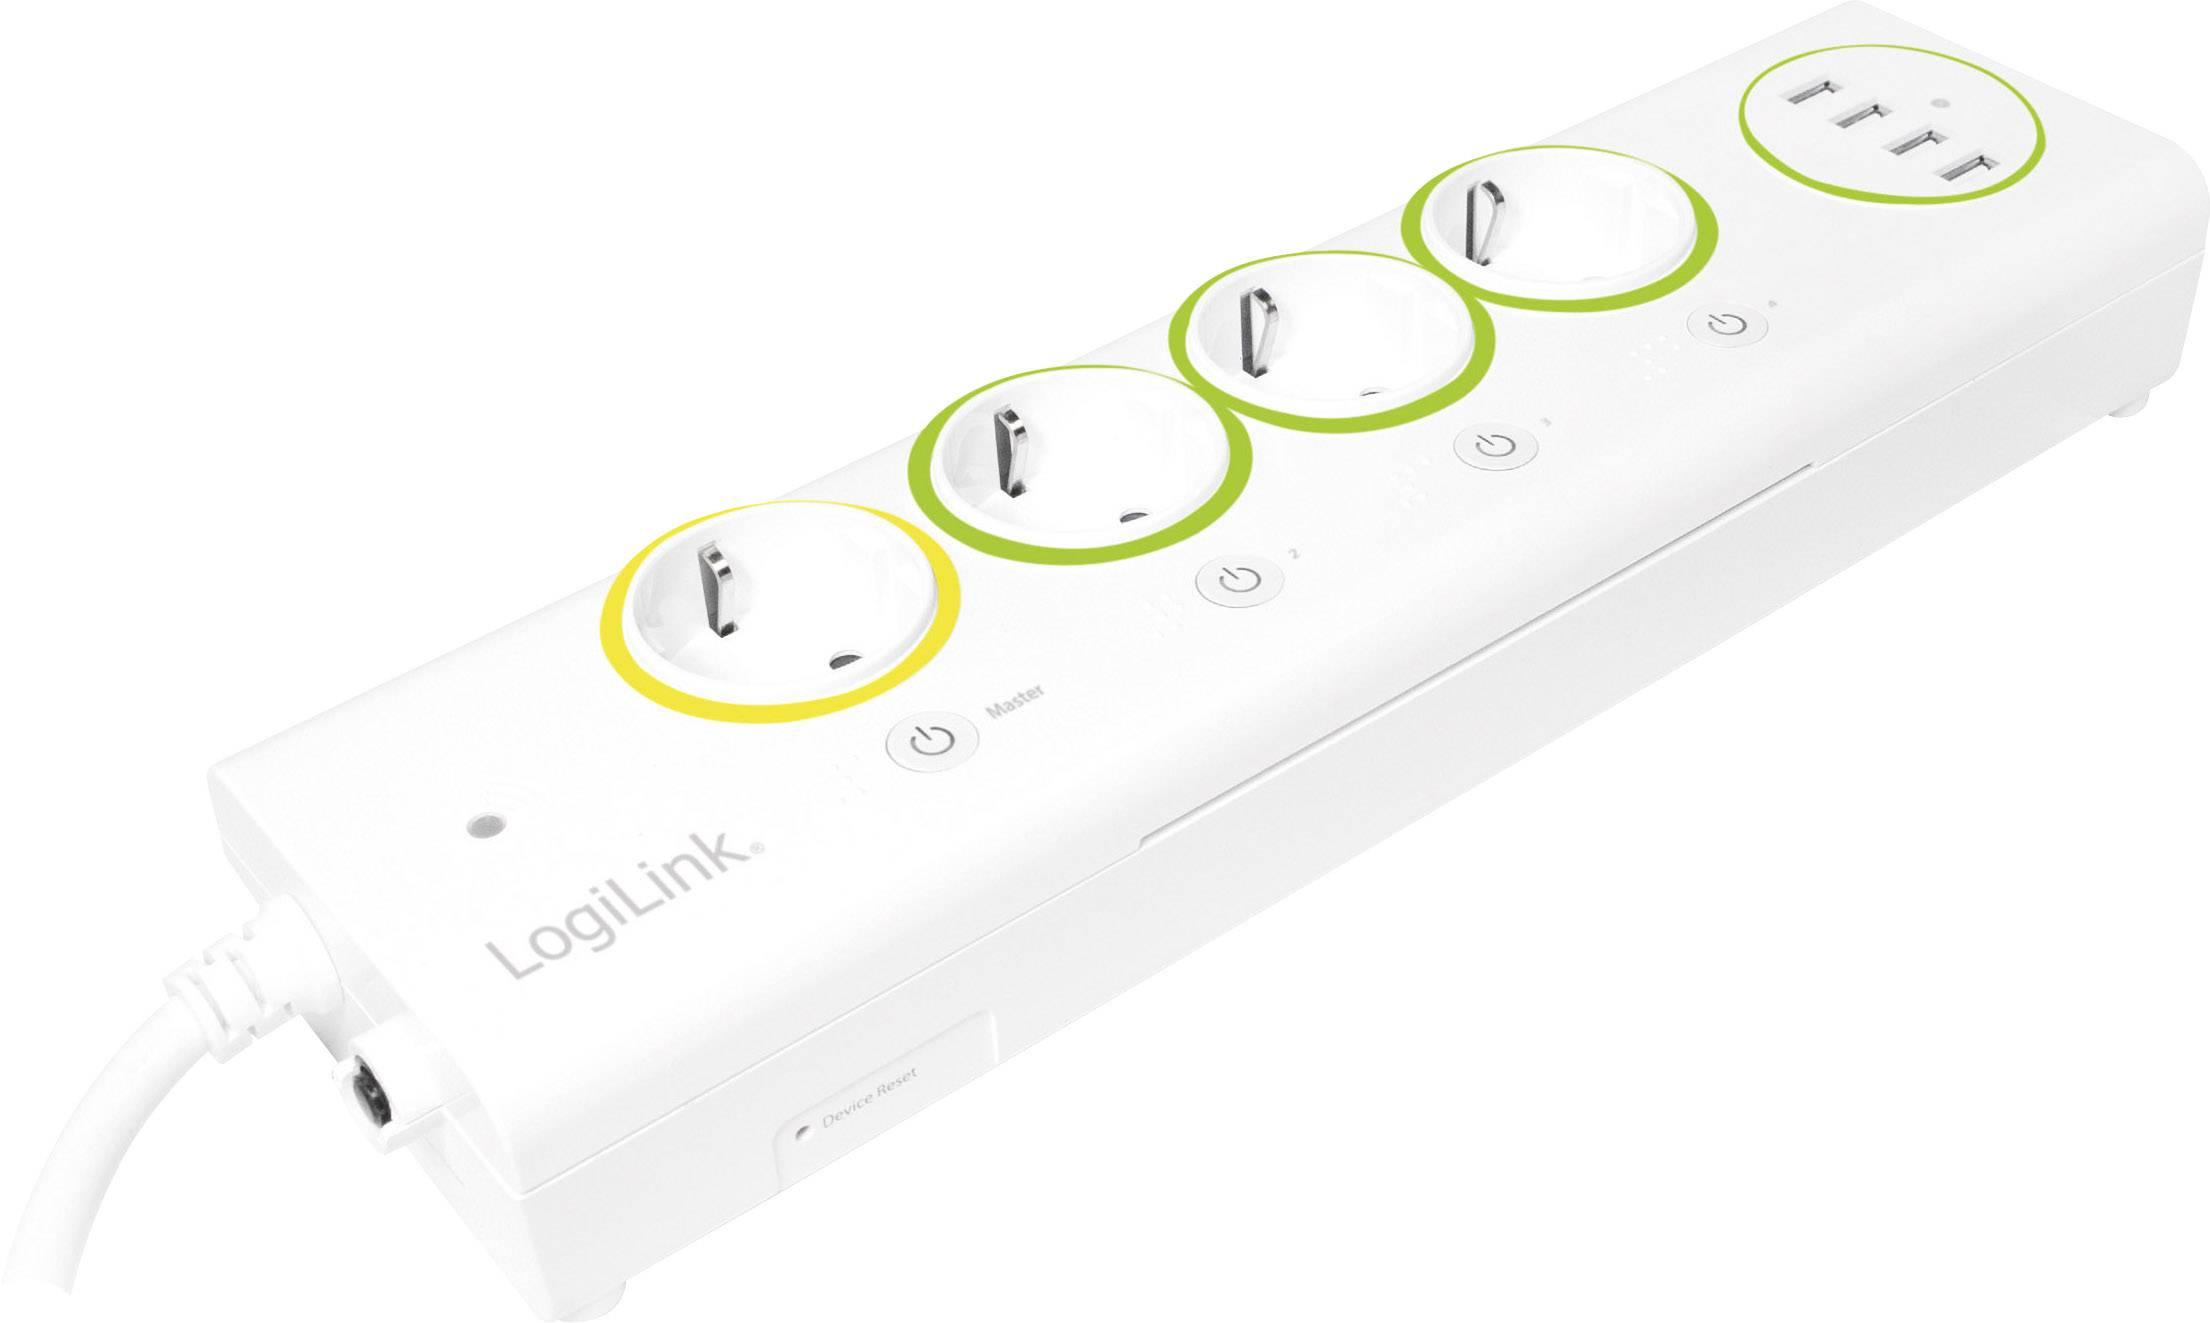 Inteligentná predlžovačka s Wi-Fi LogiLink LogiSmart PA0130, 1.50 m, biela, zelená, žltá